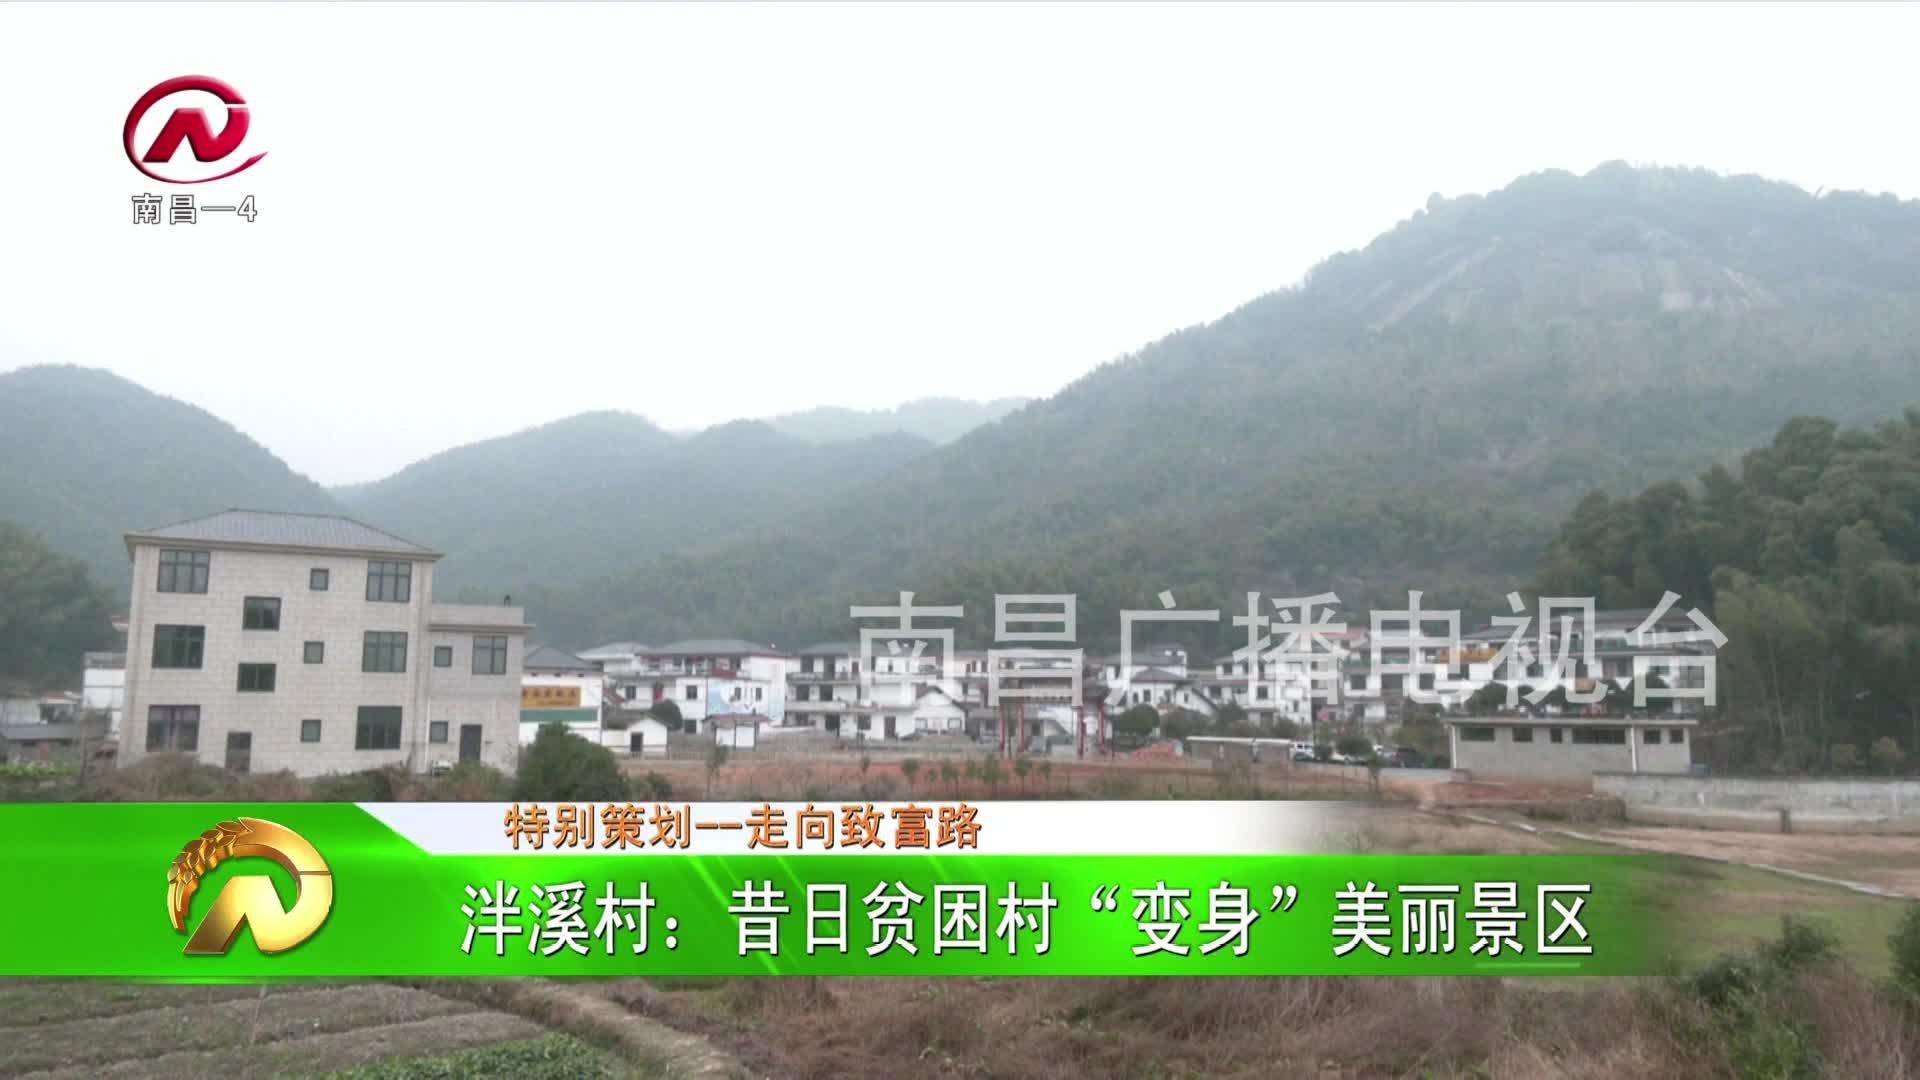 """【豫章农视】泮溪村:昔日贫困村""""变身""""美丽景区"""